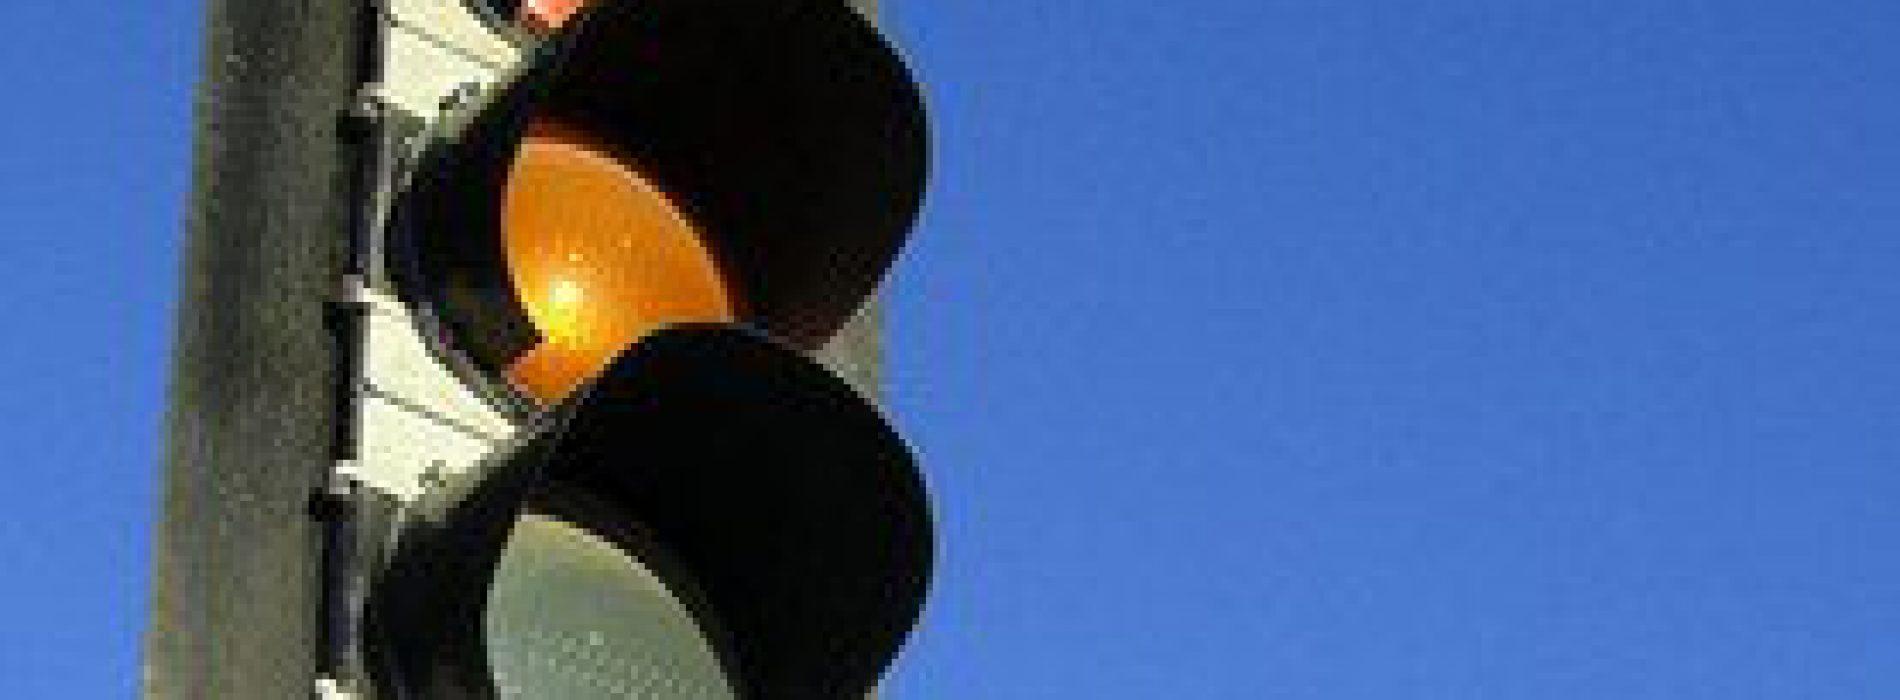 Wyłączone światła usprawniają ruch w Olsztynie